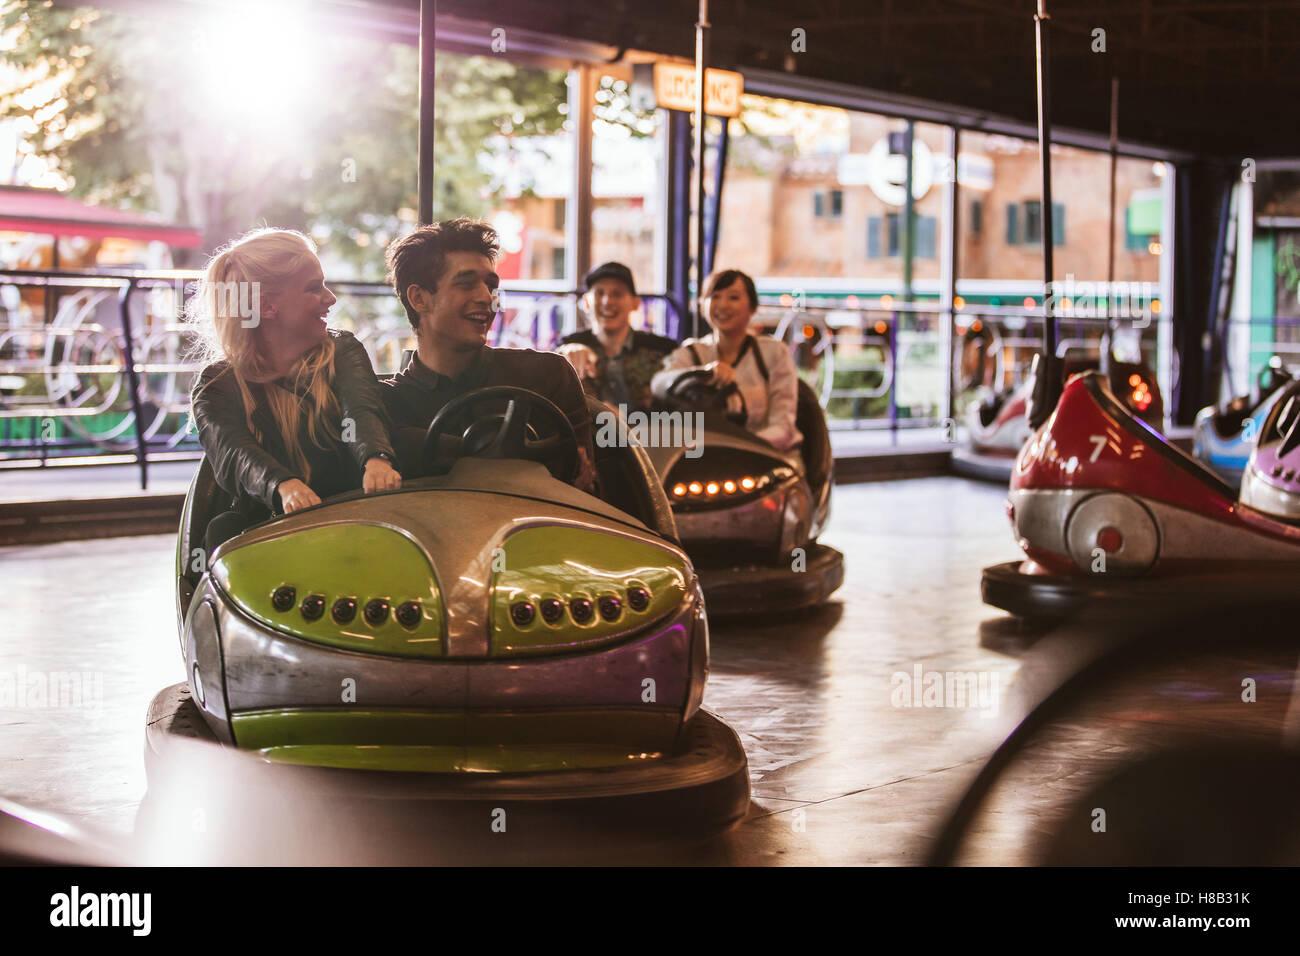 Les jeunes au volant de voitures pare-chocs à des expositions. Jeunes amis s'amusant équitation auto Photo Stock